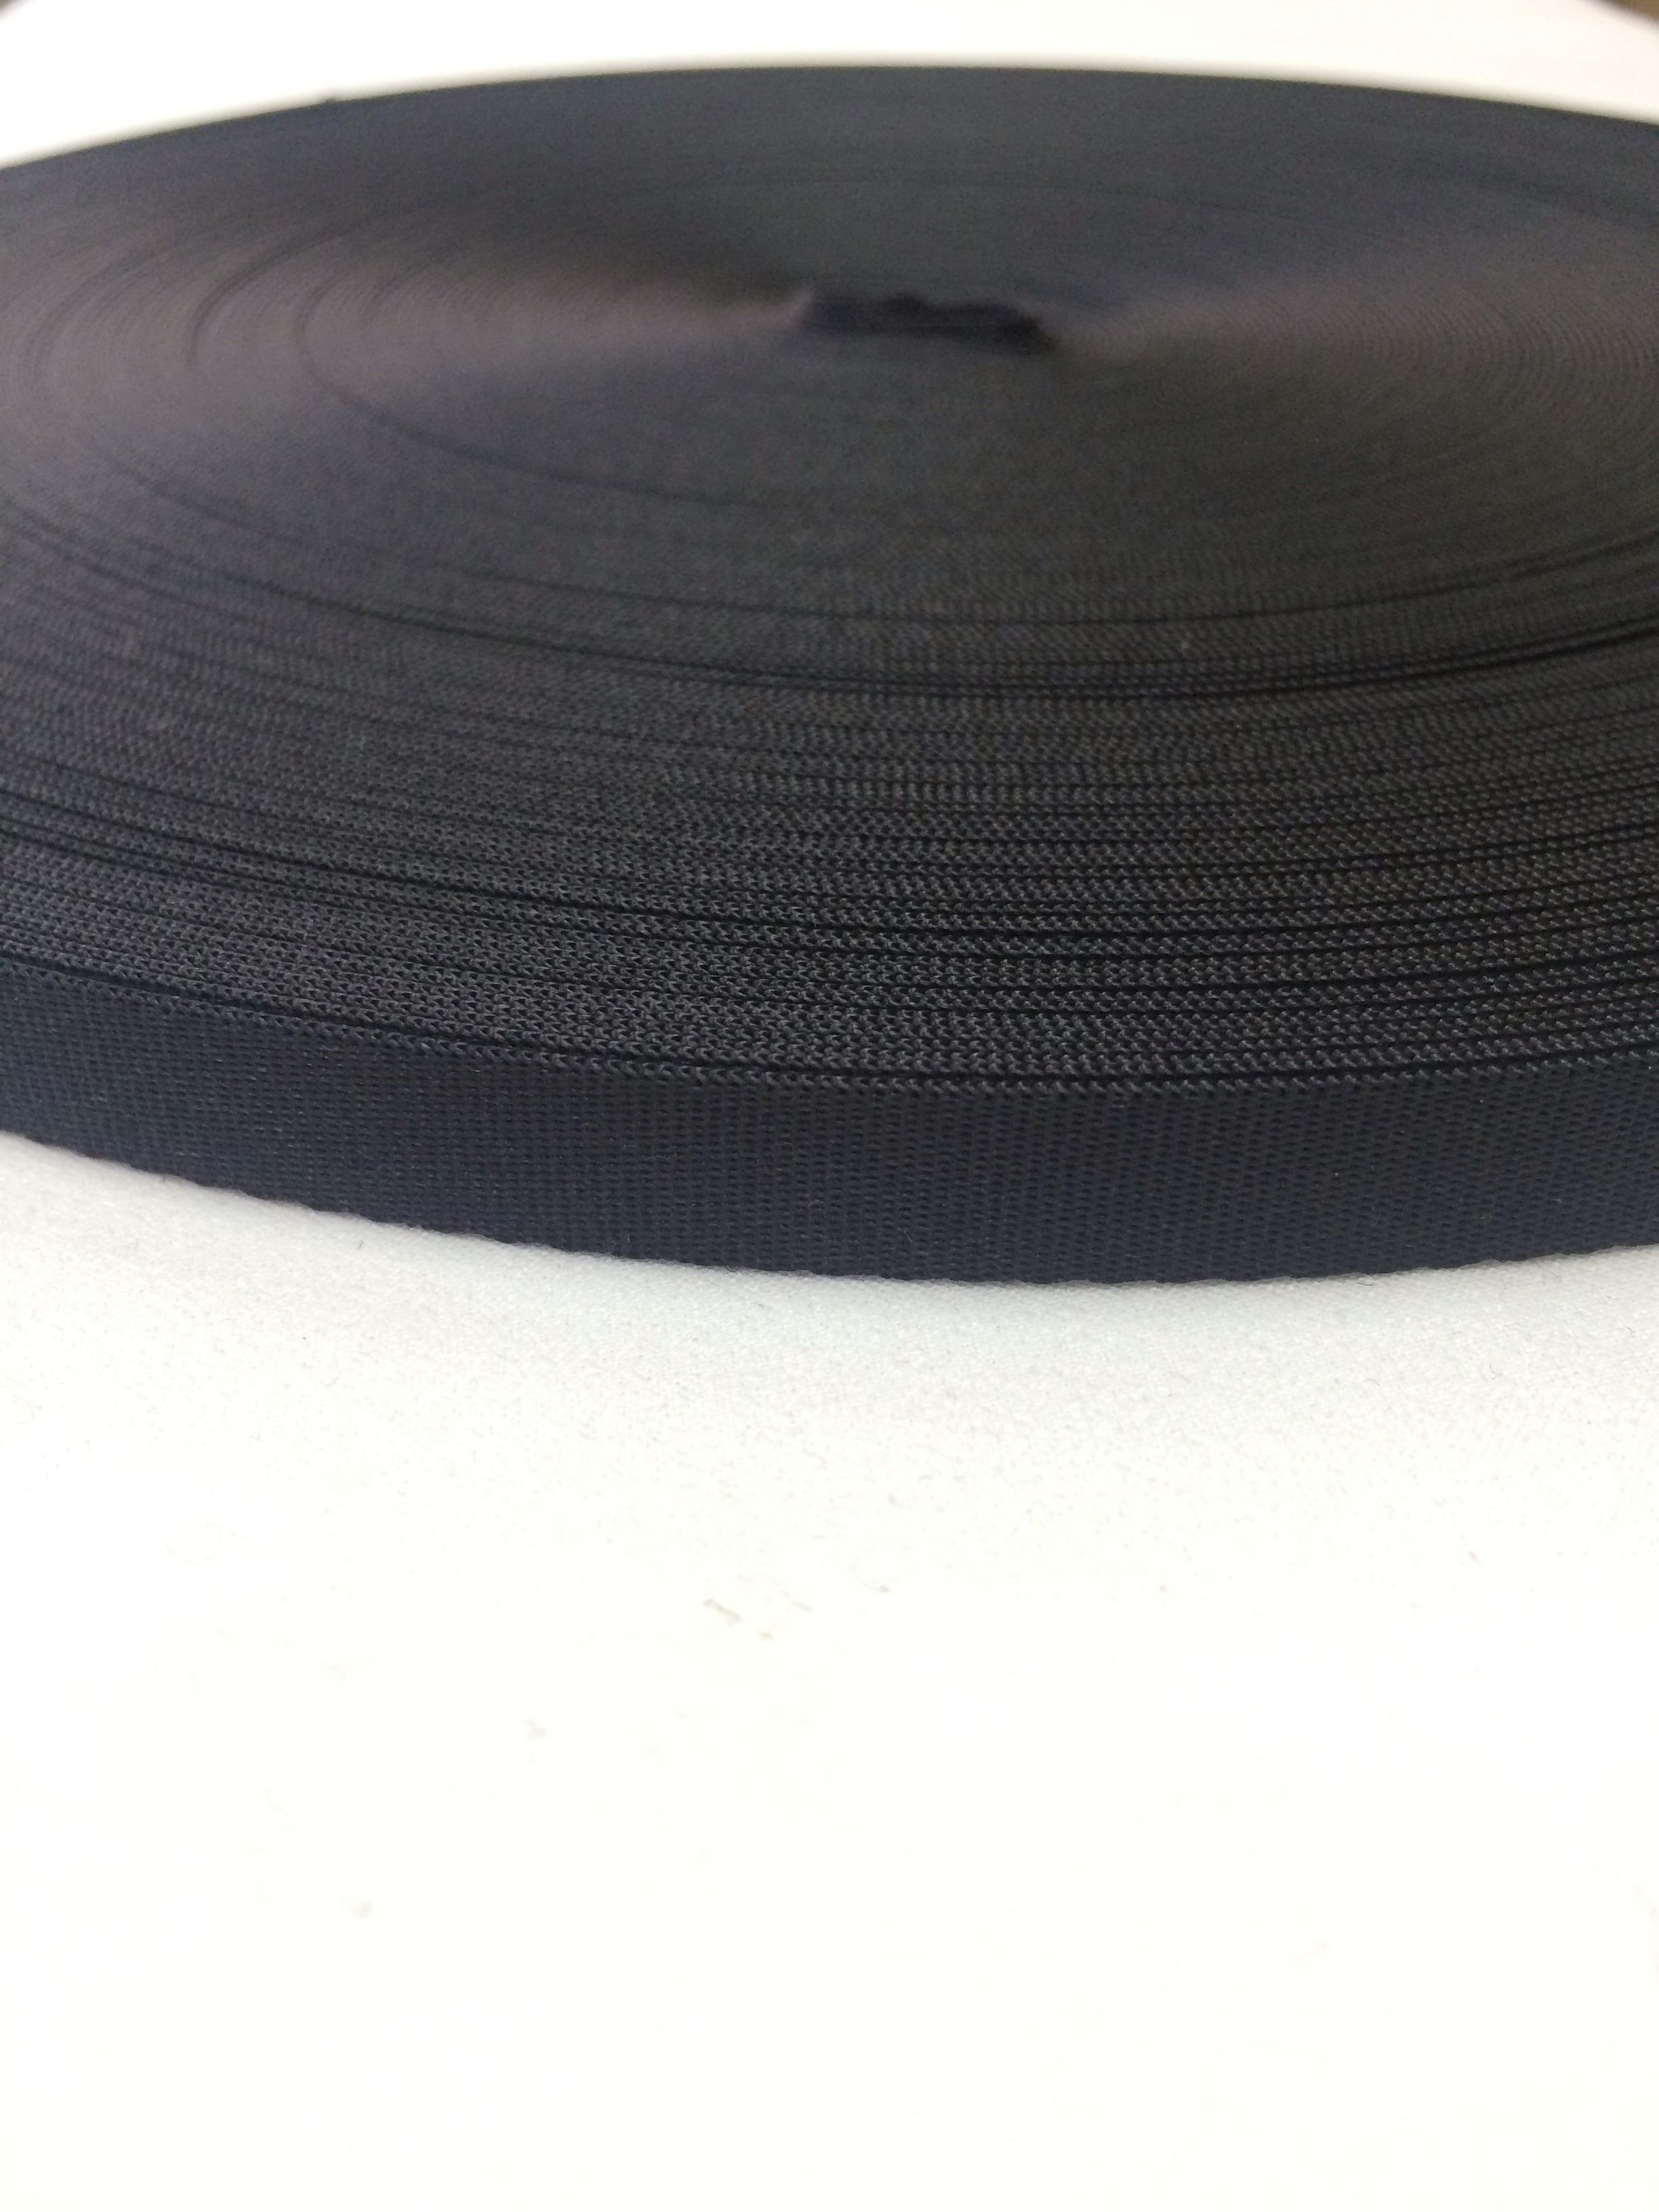 ナイロンテープ 流綾織 8mm幅 1.1mm厚 黒 5m